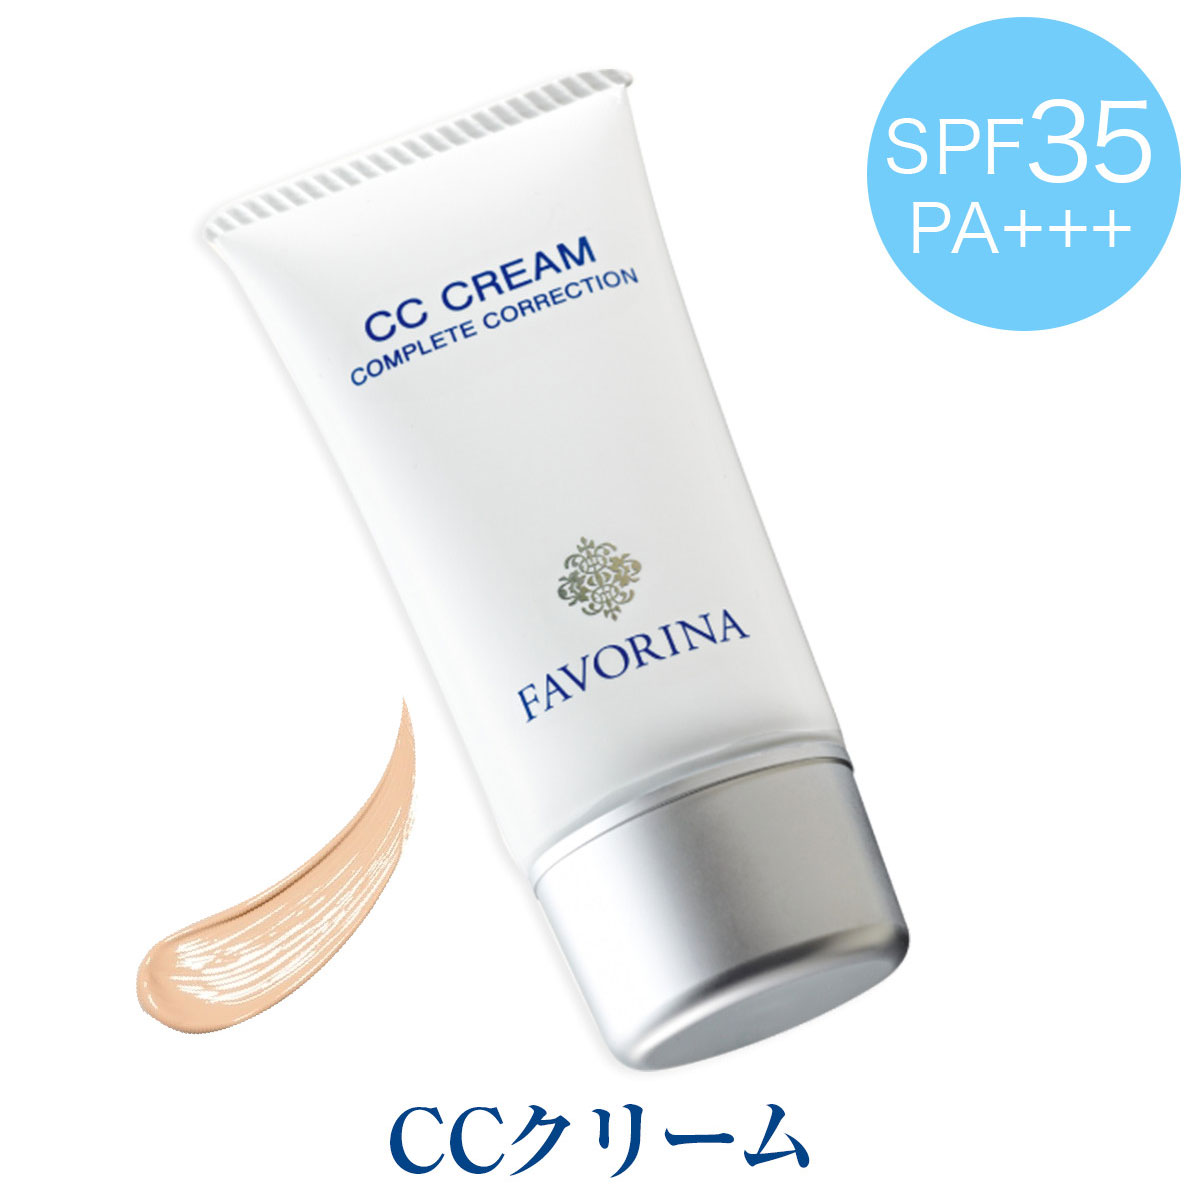 フェヴリナ / CCクリーム ライトベージュ 30g日本製 オールインワン 美容液 ファンデーション リキッド フェブリナ FAVORINA